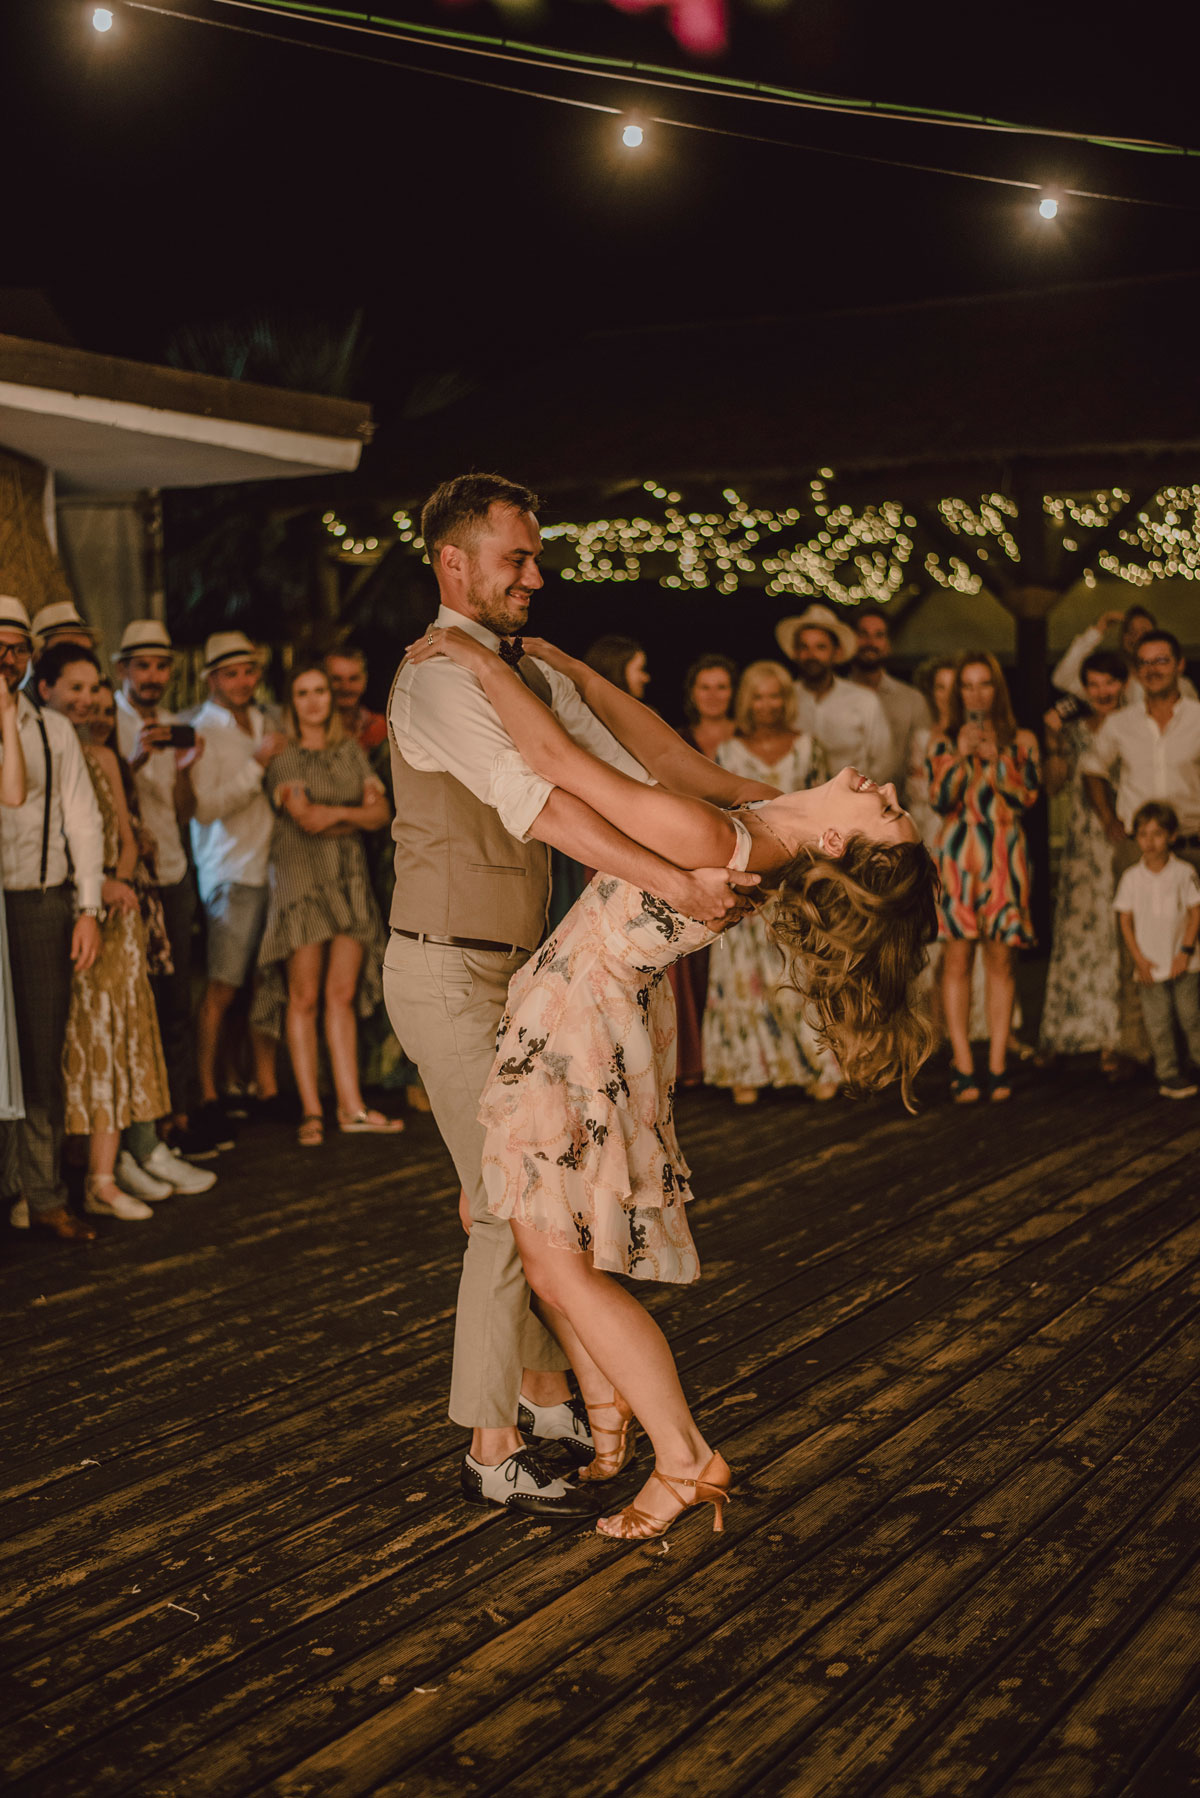 Myseventos - Más de 20 canciones perfectas para el baile nupcial